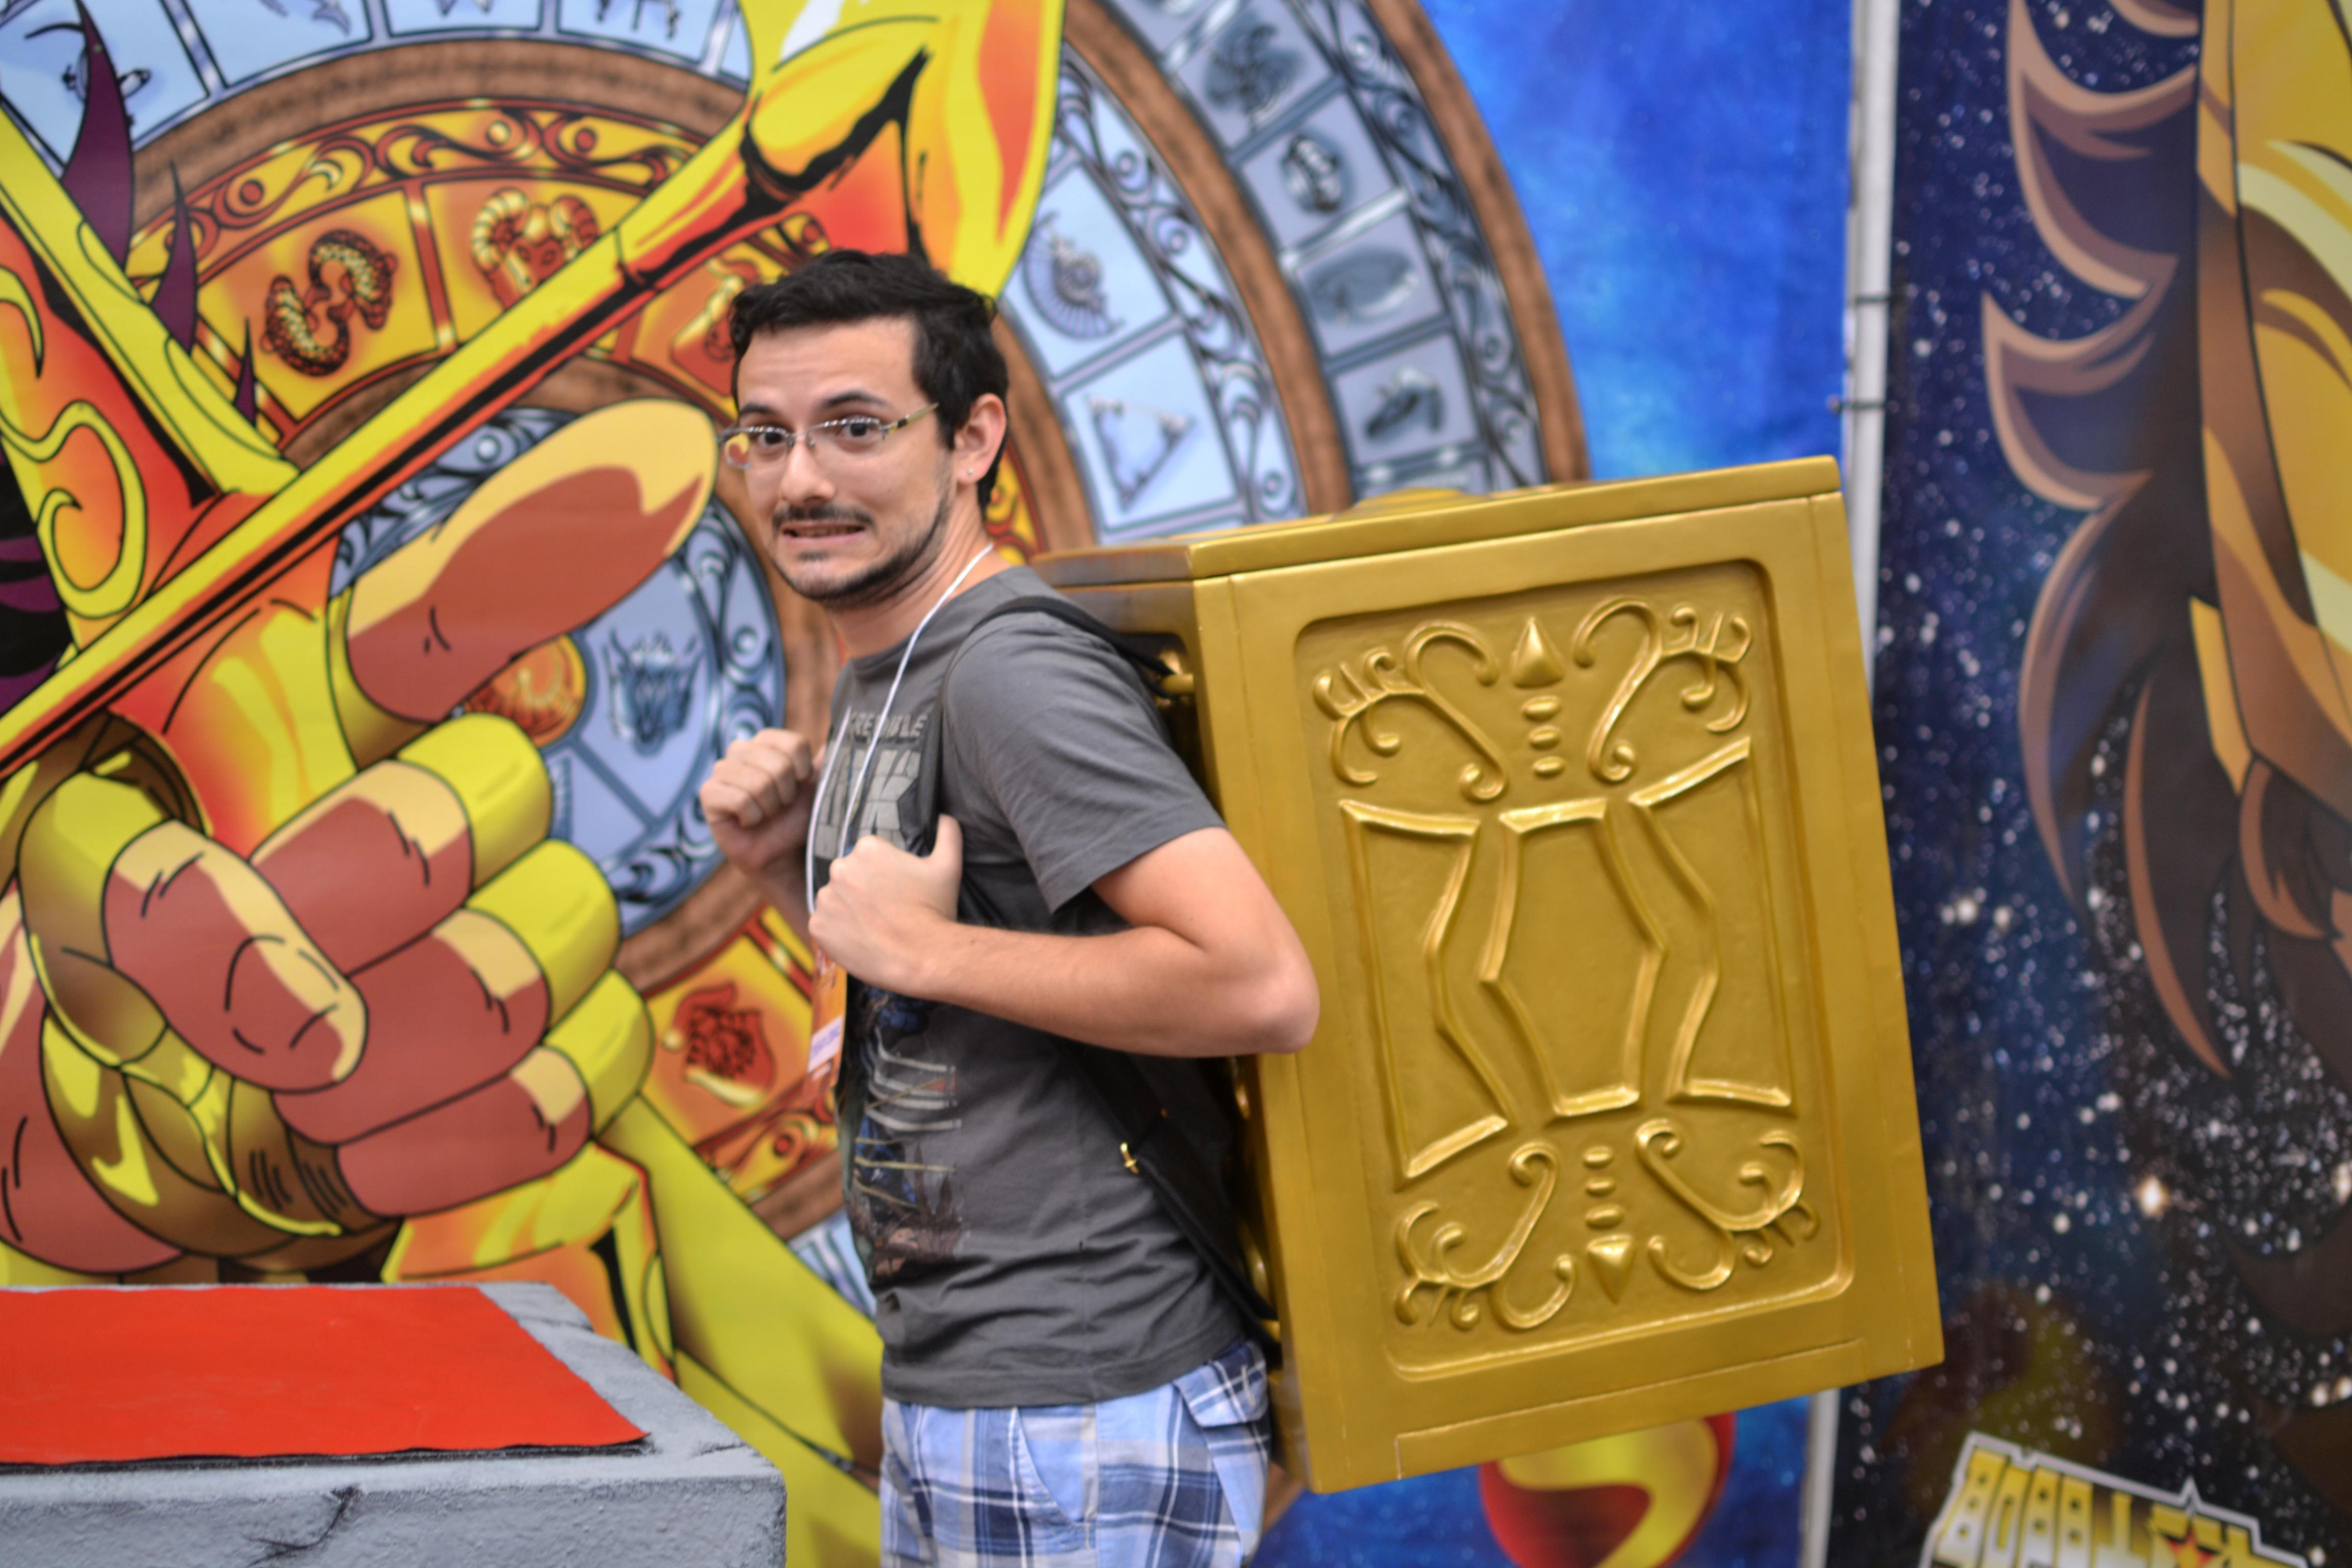 sana-2014-dyego-cruz-caixa-armadura-cavaleiro-do-zodiaco